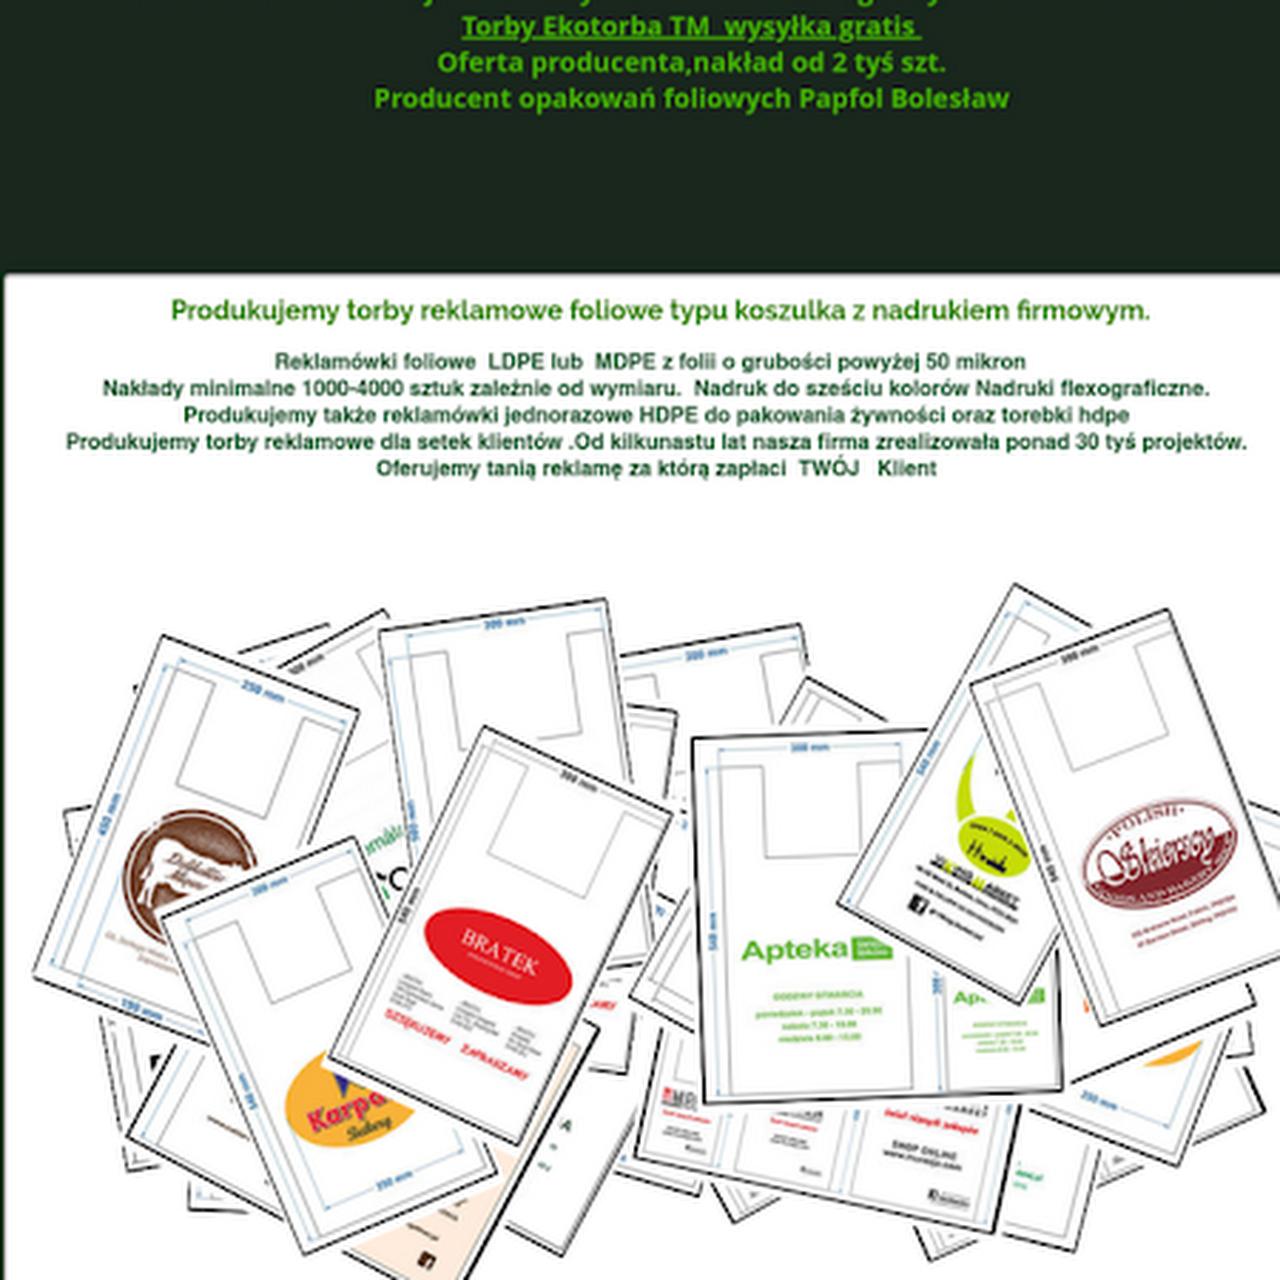 db507febfa33a Papfol torby foliowe,reklamówki z nadrukiem Ldpe,Hdpe Producent ...